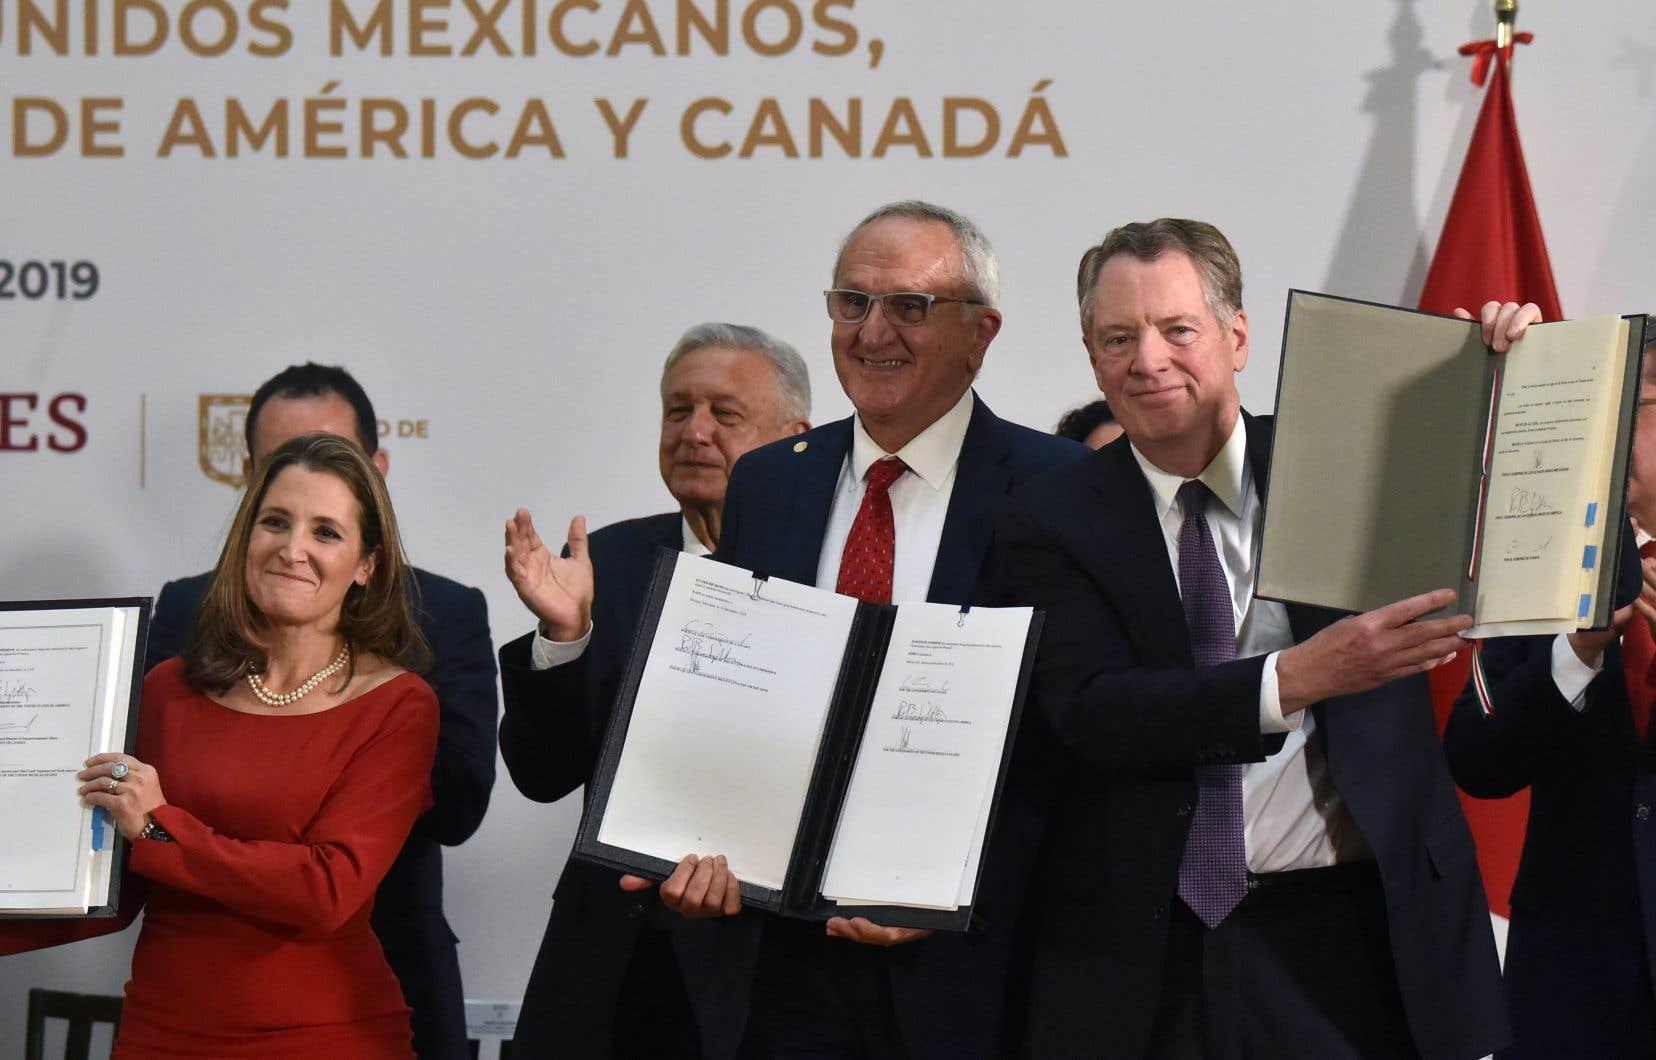 La vice-première ministre canadienne Chrystia Freeland a apposé sa signature aux côtés de celles du représentant américain au Commerce, Robert Lighthizer, et de son homologue mexicain Jesus Seade.